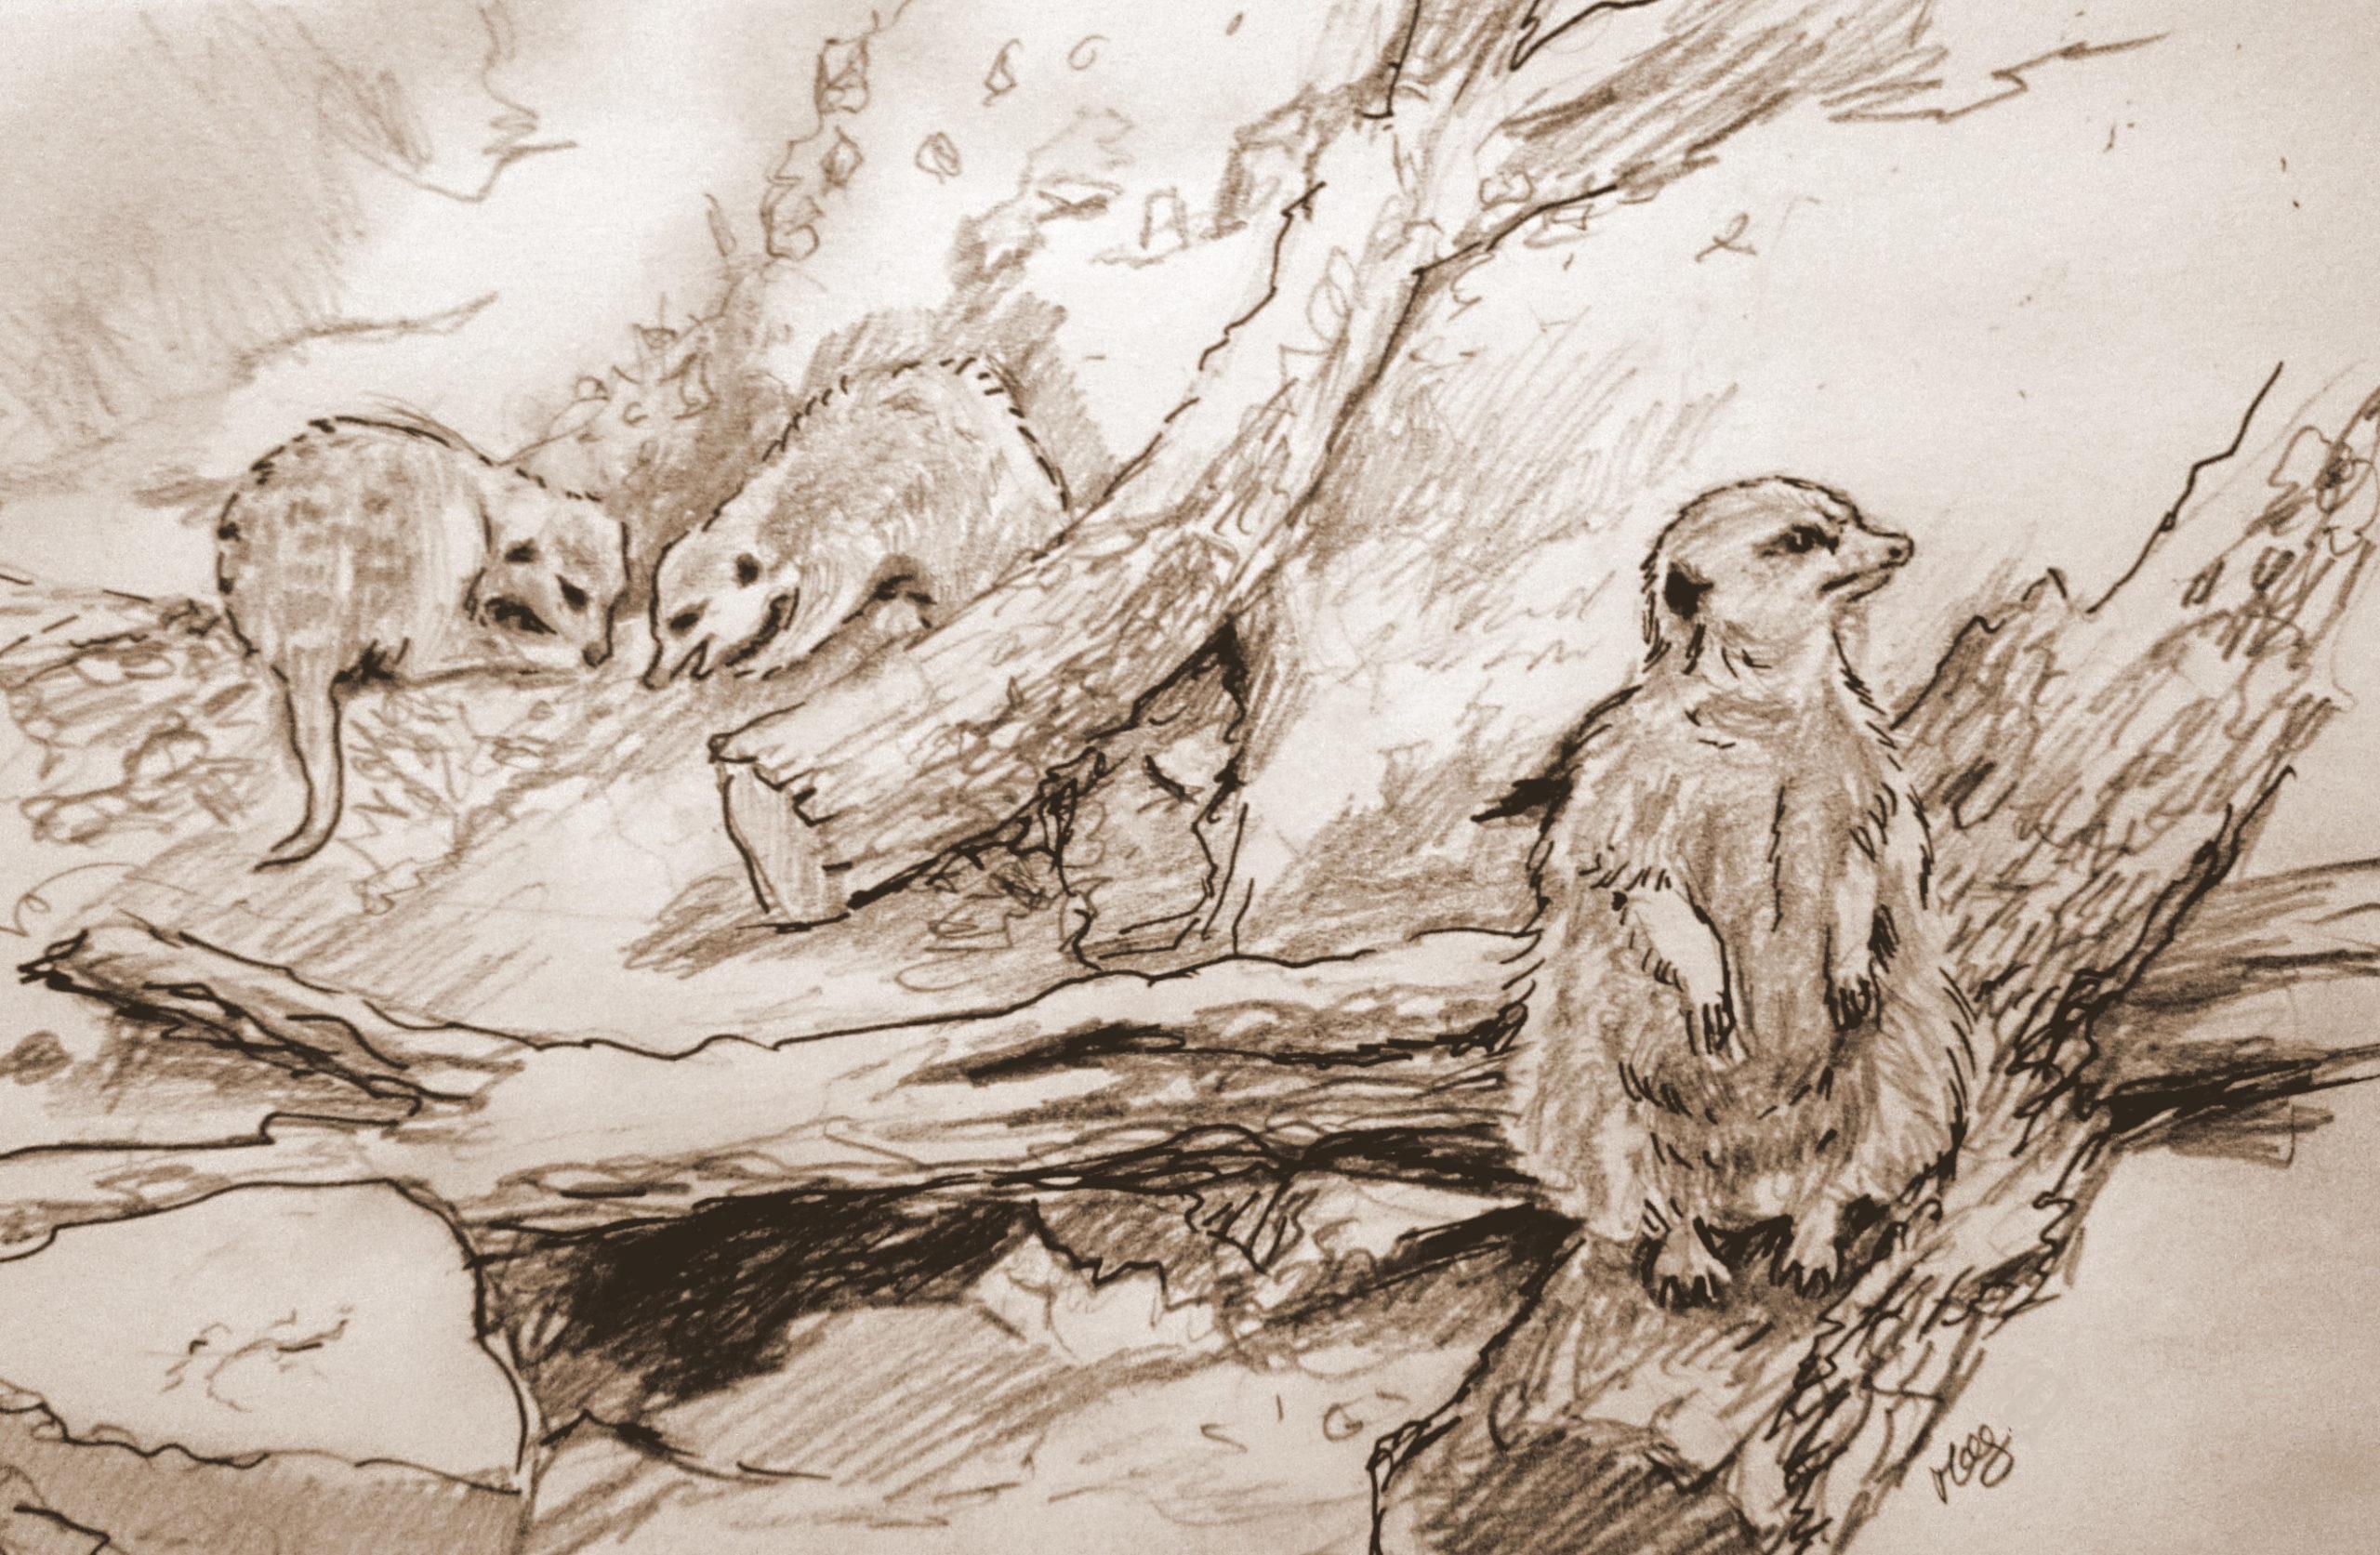 Meerkats study